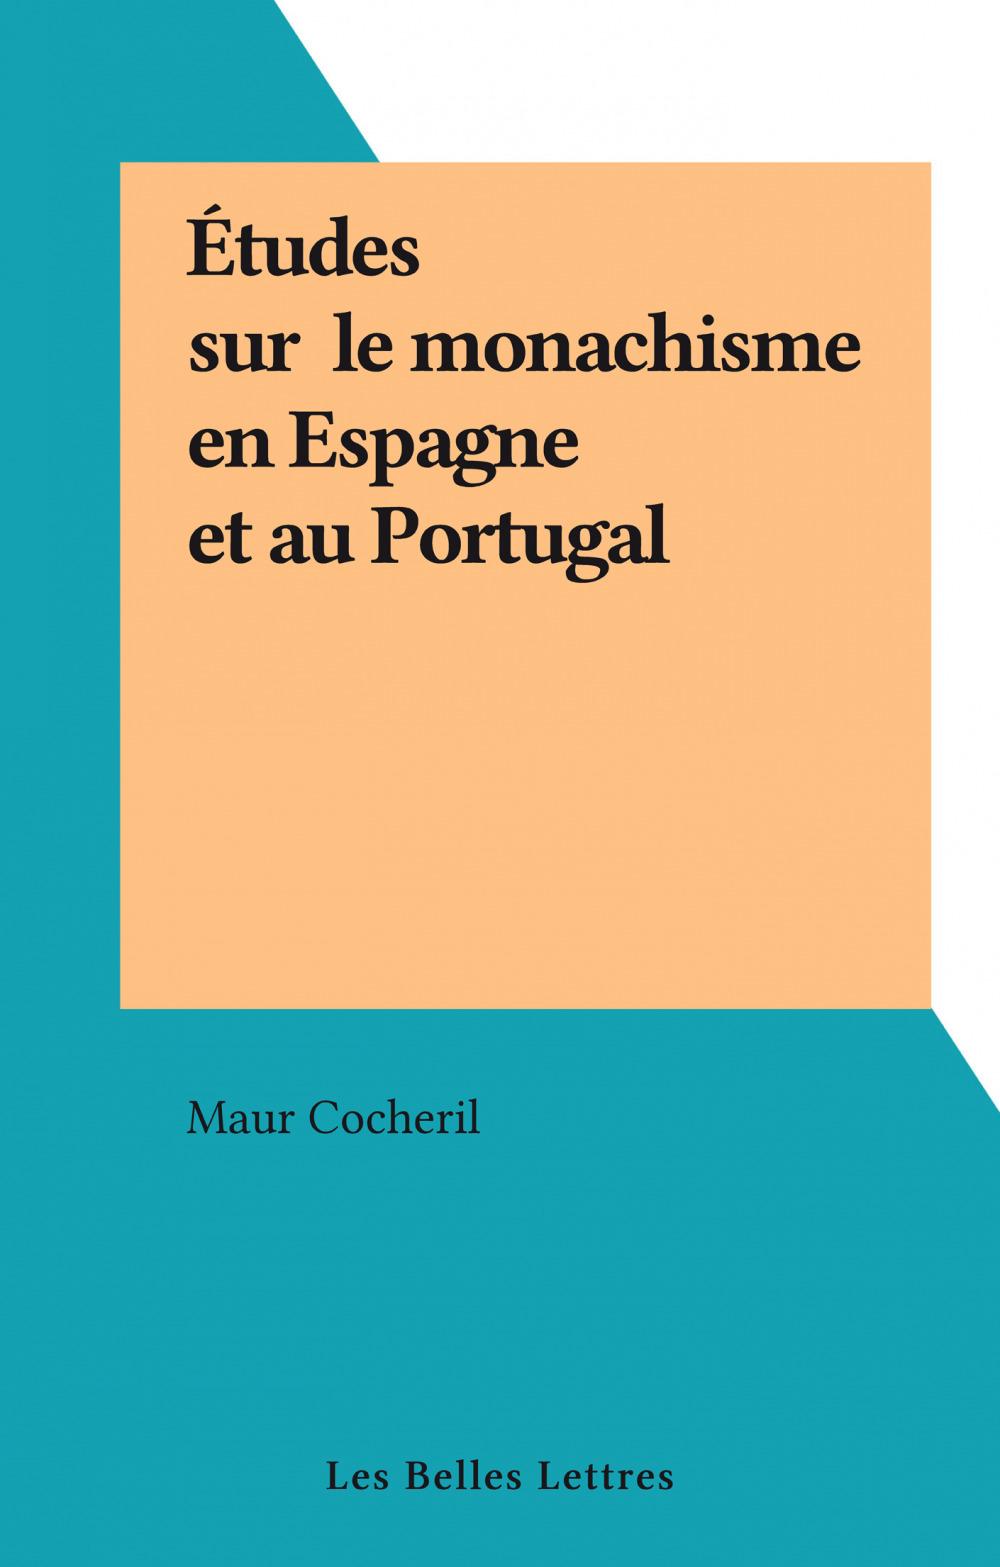 Études sur le monachisme en Espagne et au Portugal  - Maur COCHERIL